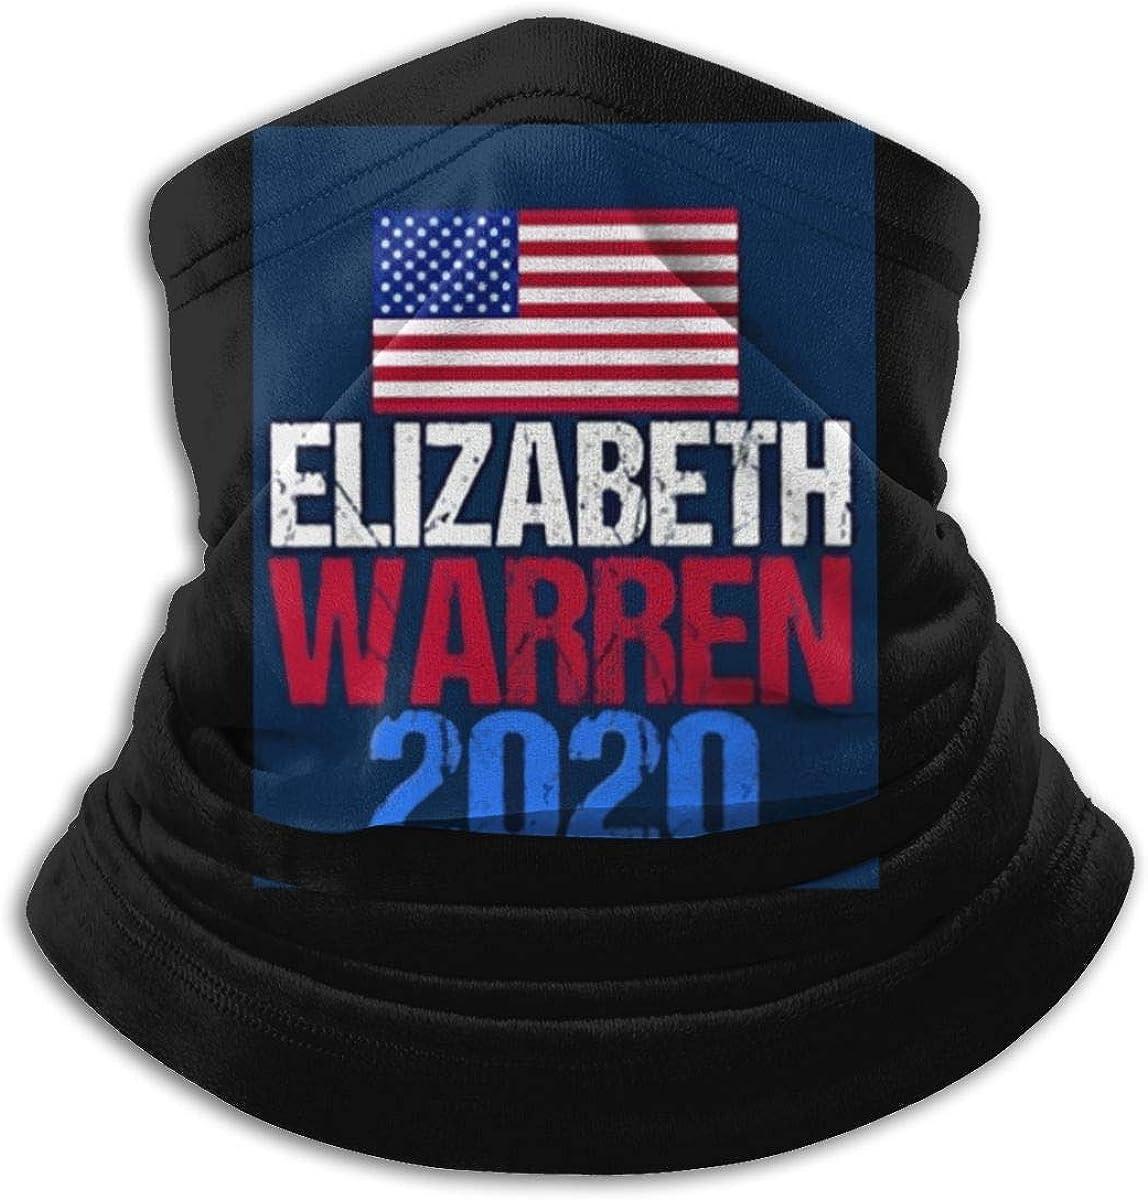 Elizabeth Warren 2020 Black Multi-function Neck Warmer Gaiter Polyester Neck Warmer Windproof Winter Neck Gaiter Cold Weather Scarf For Men Women